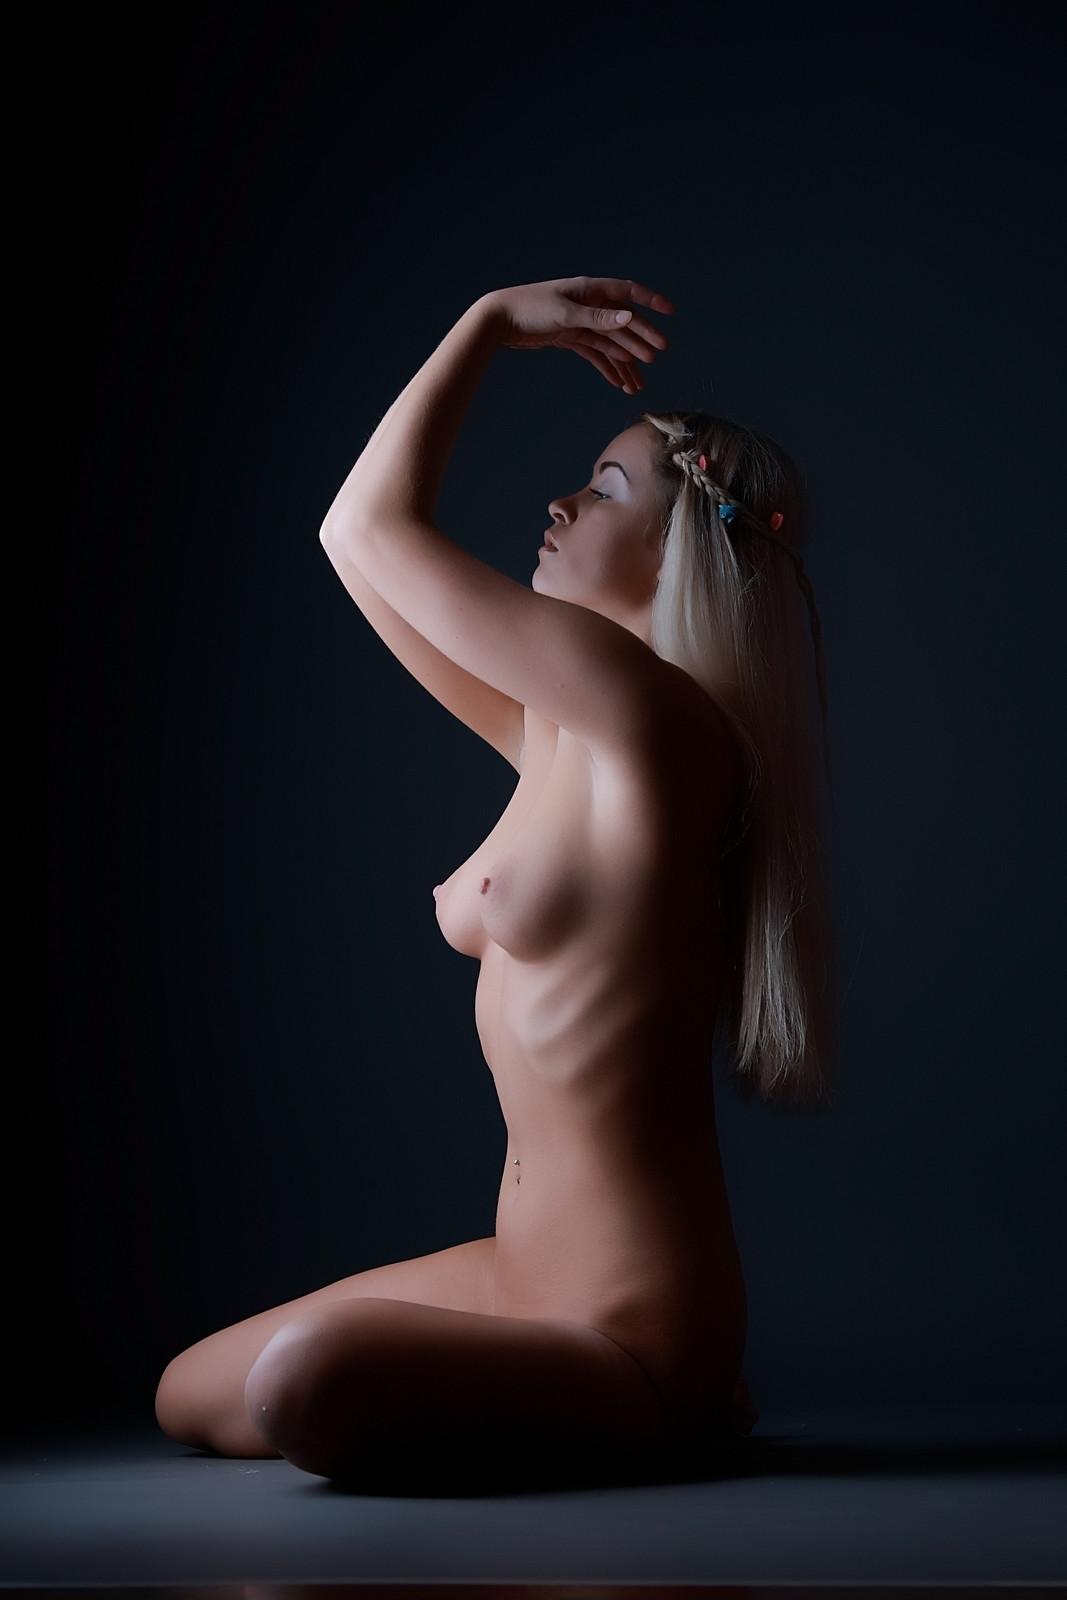 simple adult nude video free